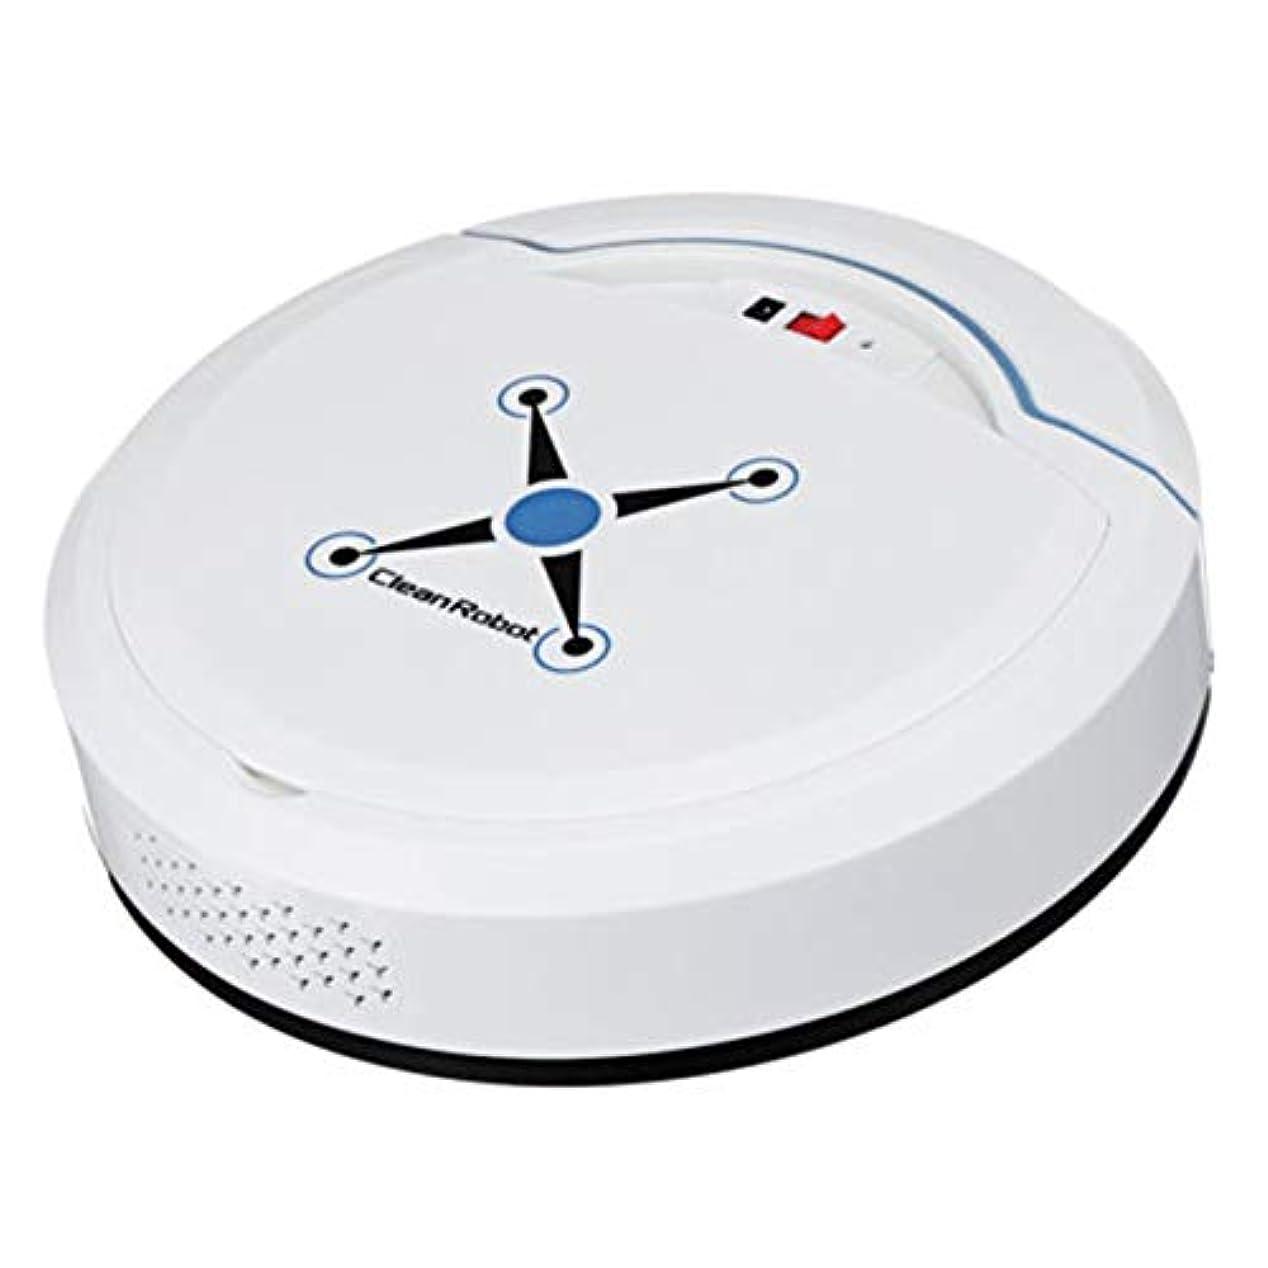 スパーク達成販売員Saikogoods 充電式 自動清掃ロボット スマート掃くロボット 真空フロアクリーナー ホーム掃くマシン 白